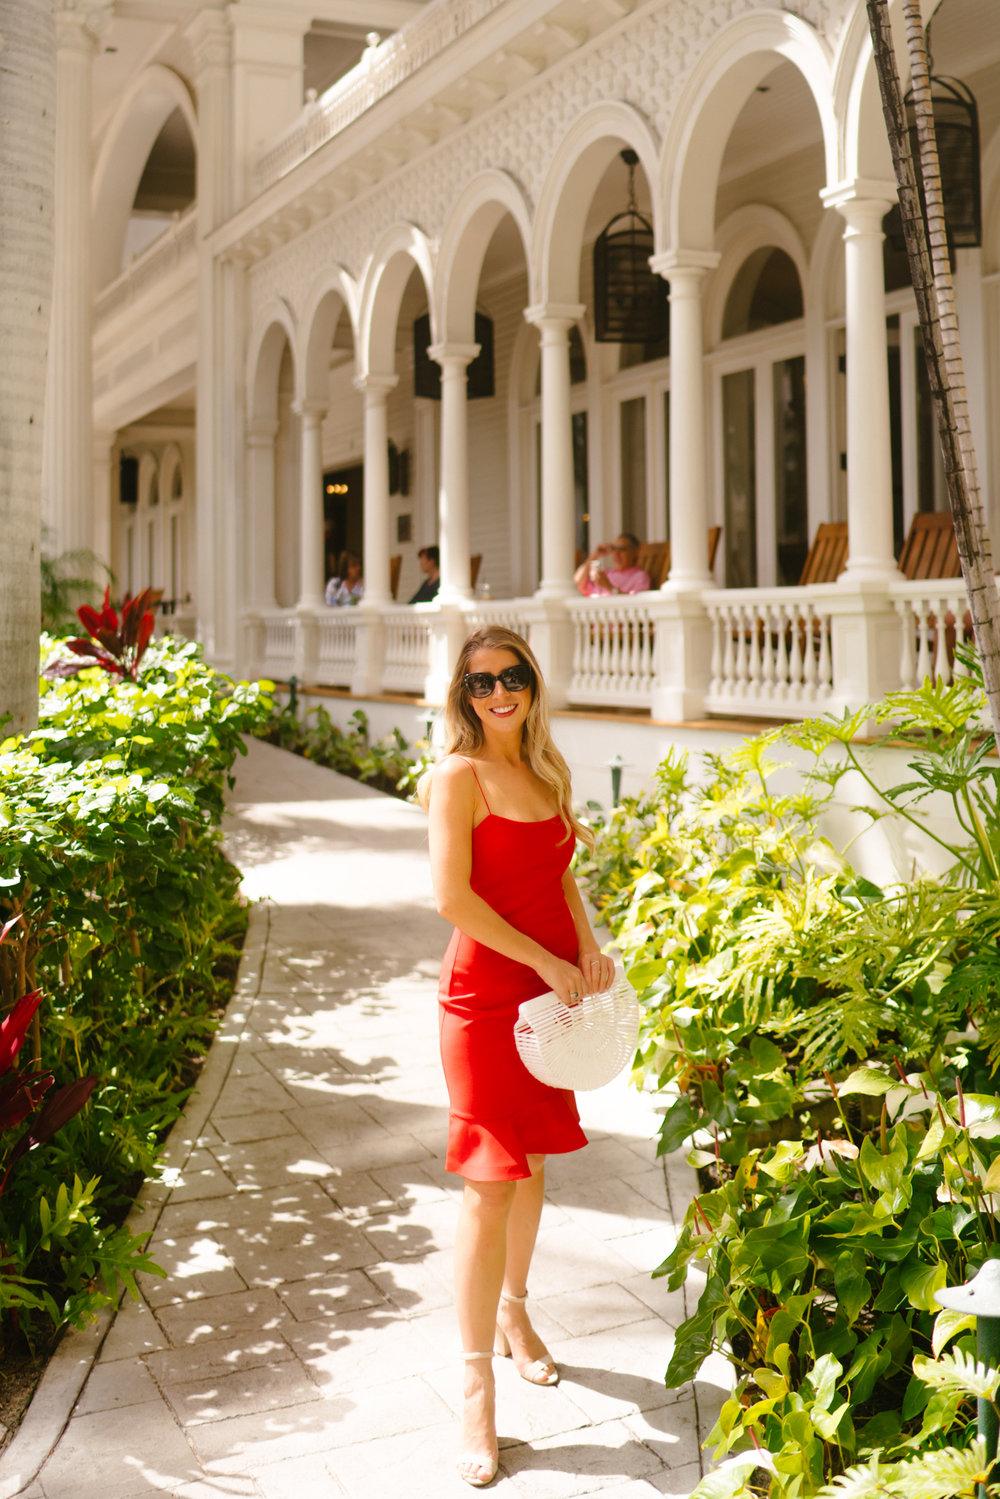 Best hotels in Oahu